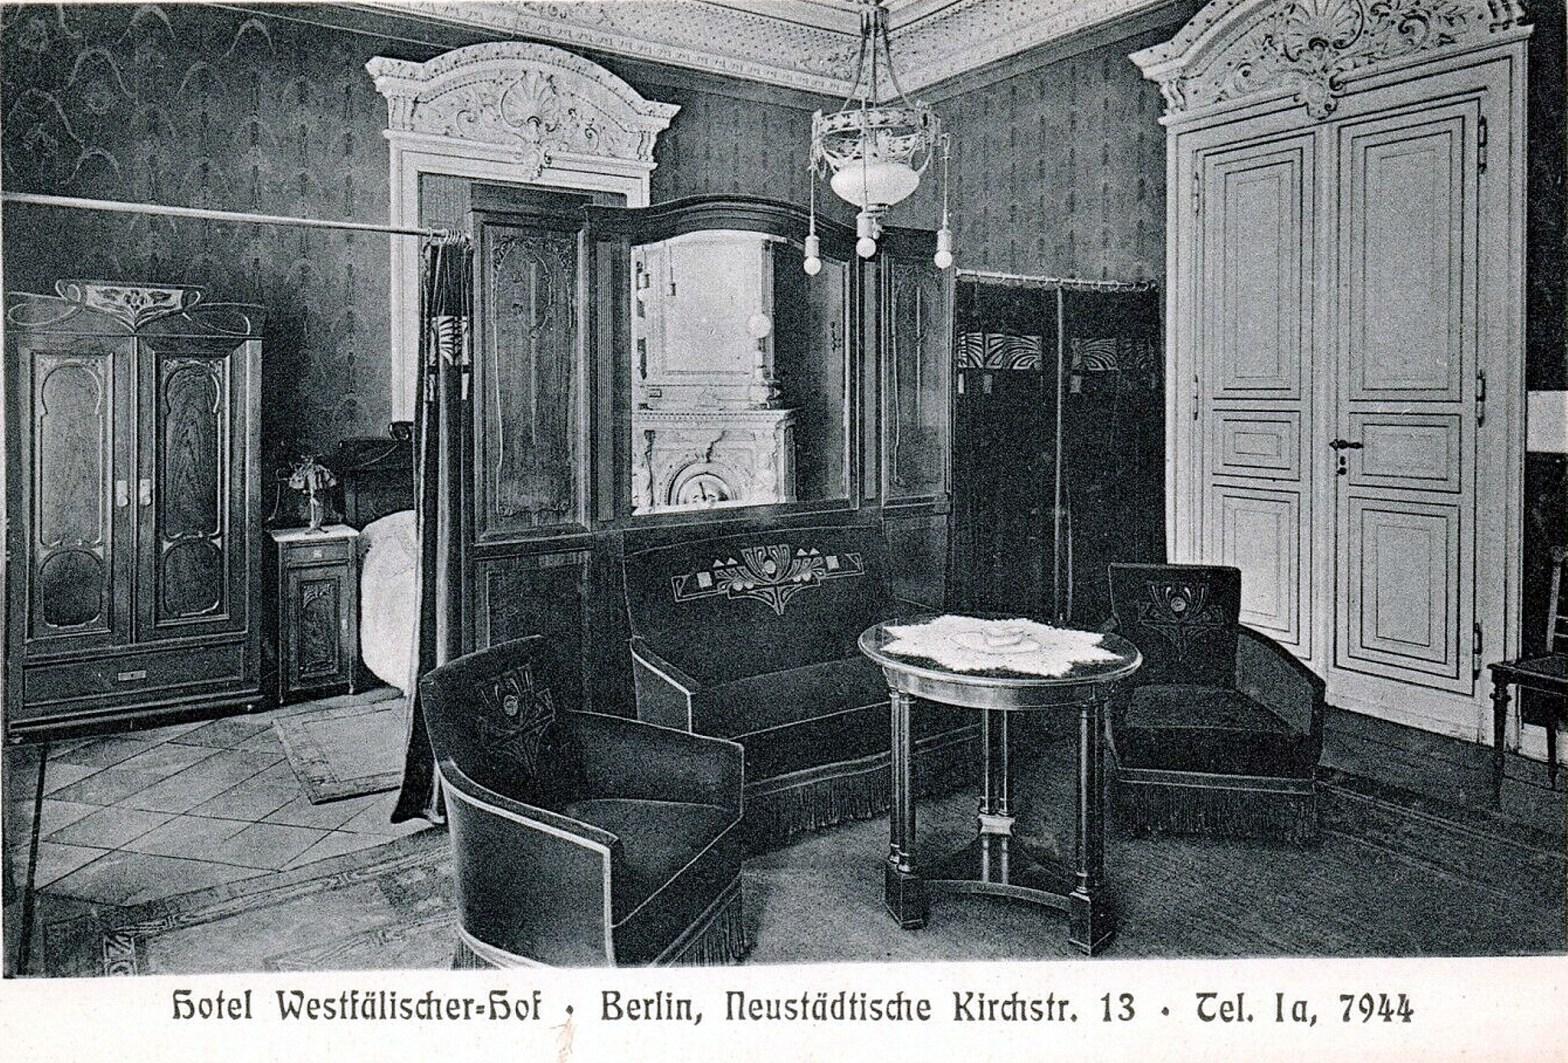 Berlin 21, Hotelzimmer – josefauer.com